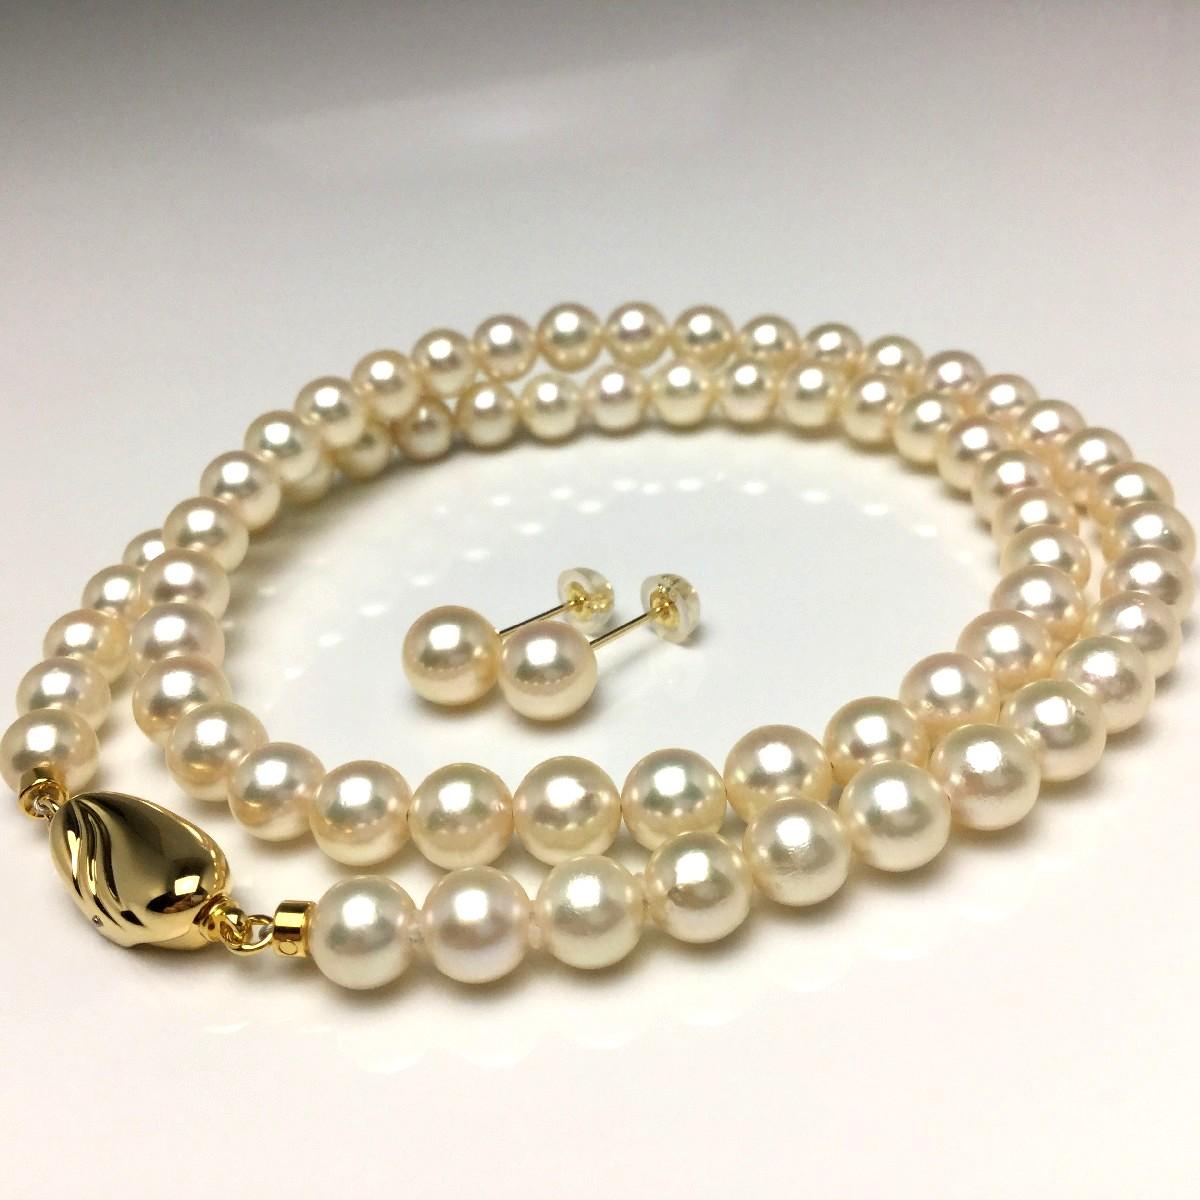 真珠 ネックレス パール アコヤ真珠 ピアス セット 6.0-6.5mm シャンパンゴールド シルバー クラスップ 66952 イソワパール